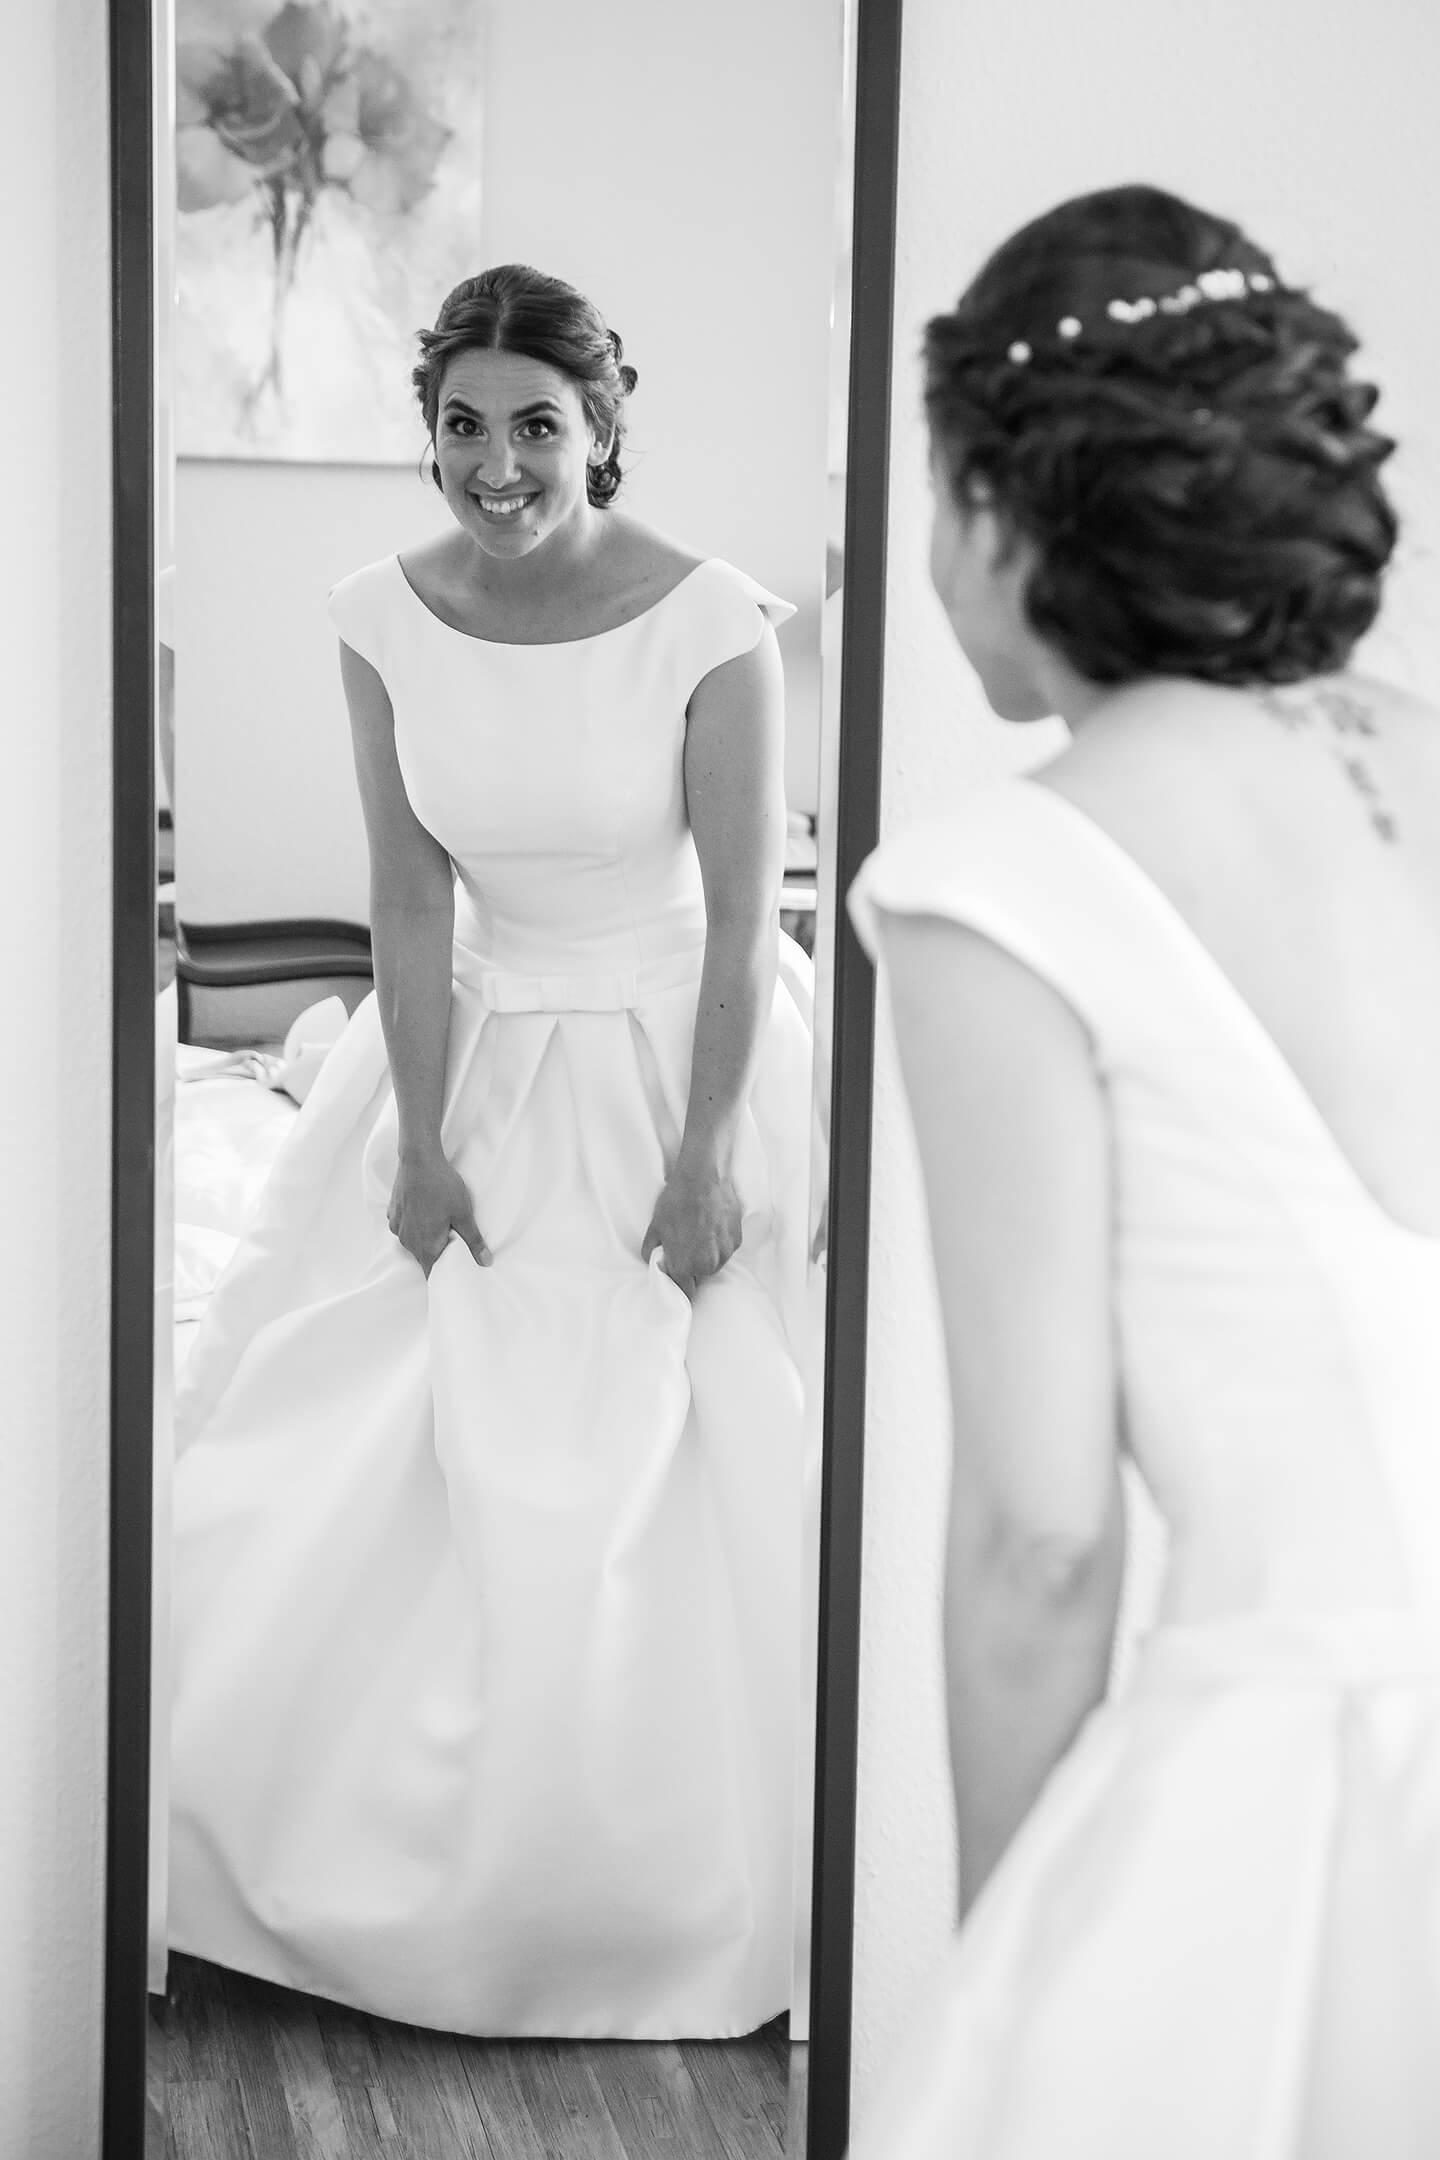 Braut im Hochzeitskleid schaut in den Spiegel